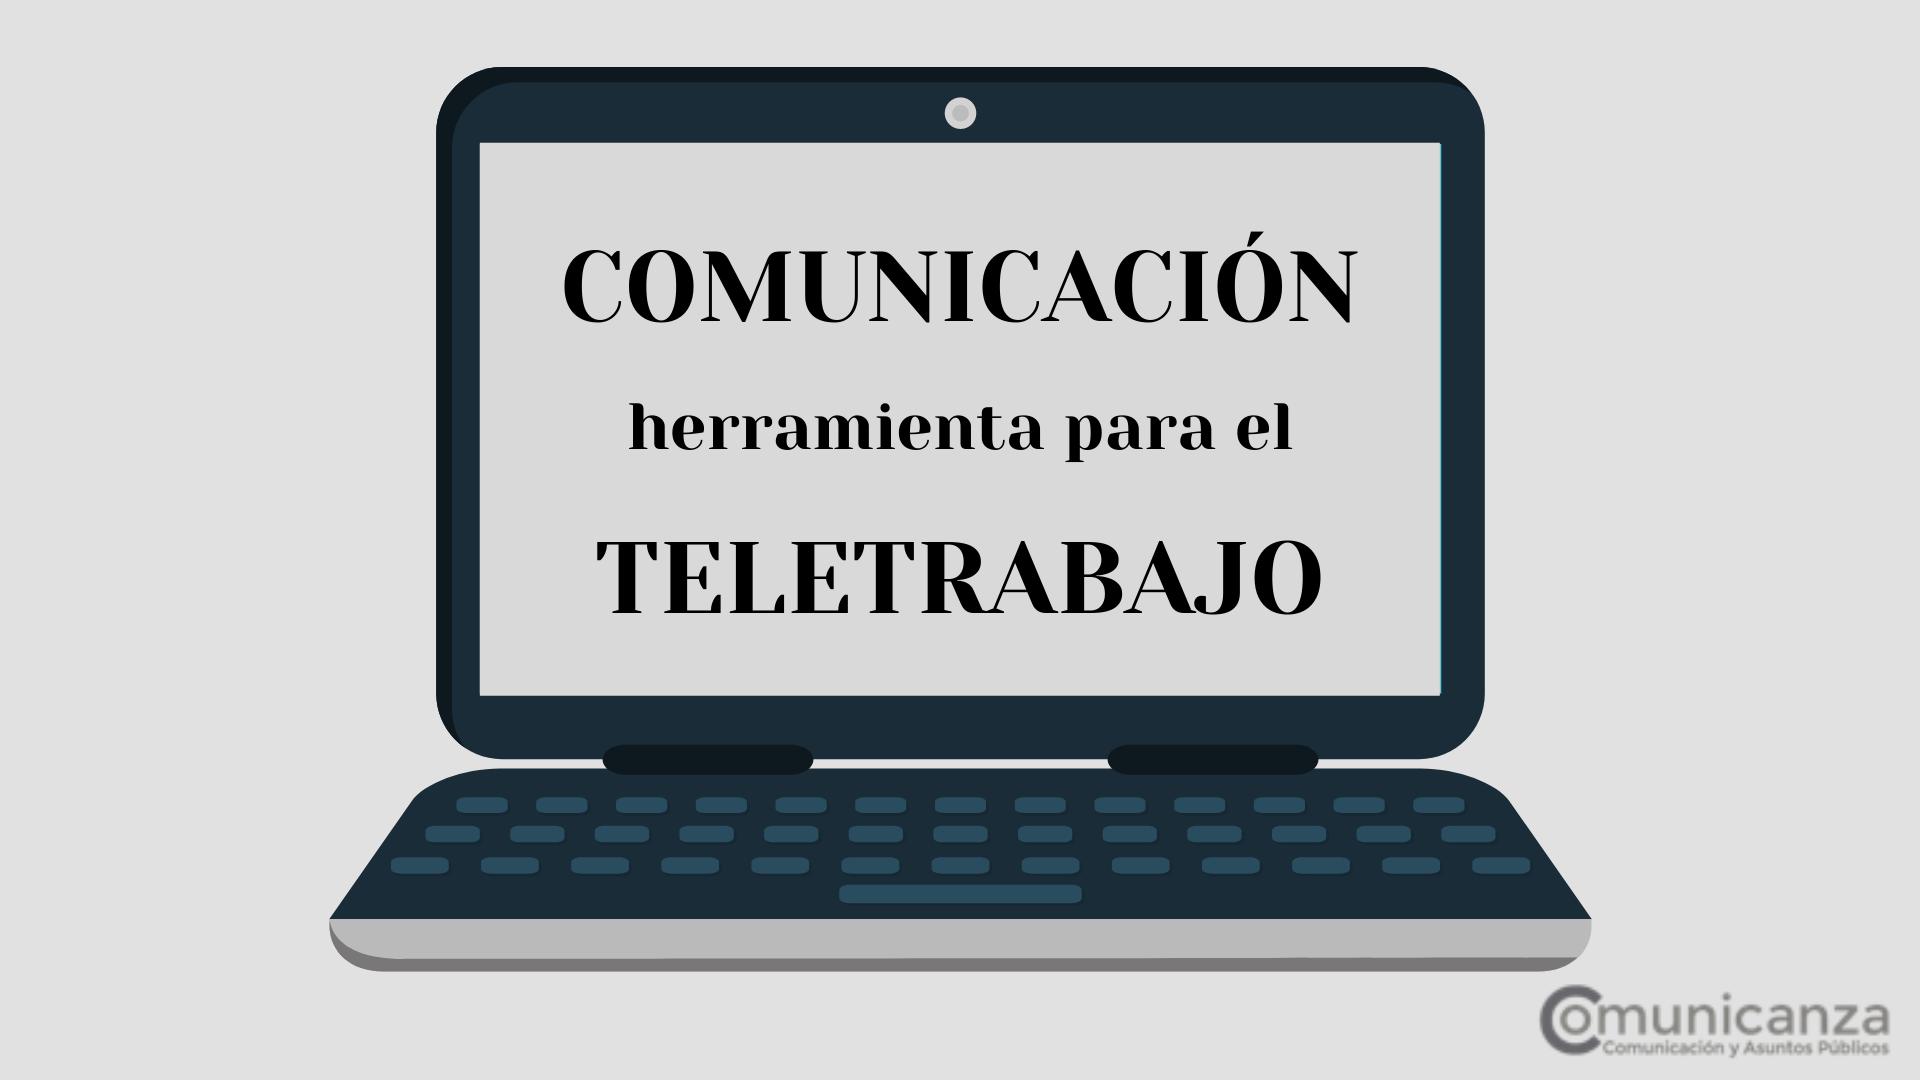 La comunicación como herramienta para el teletrabajo